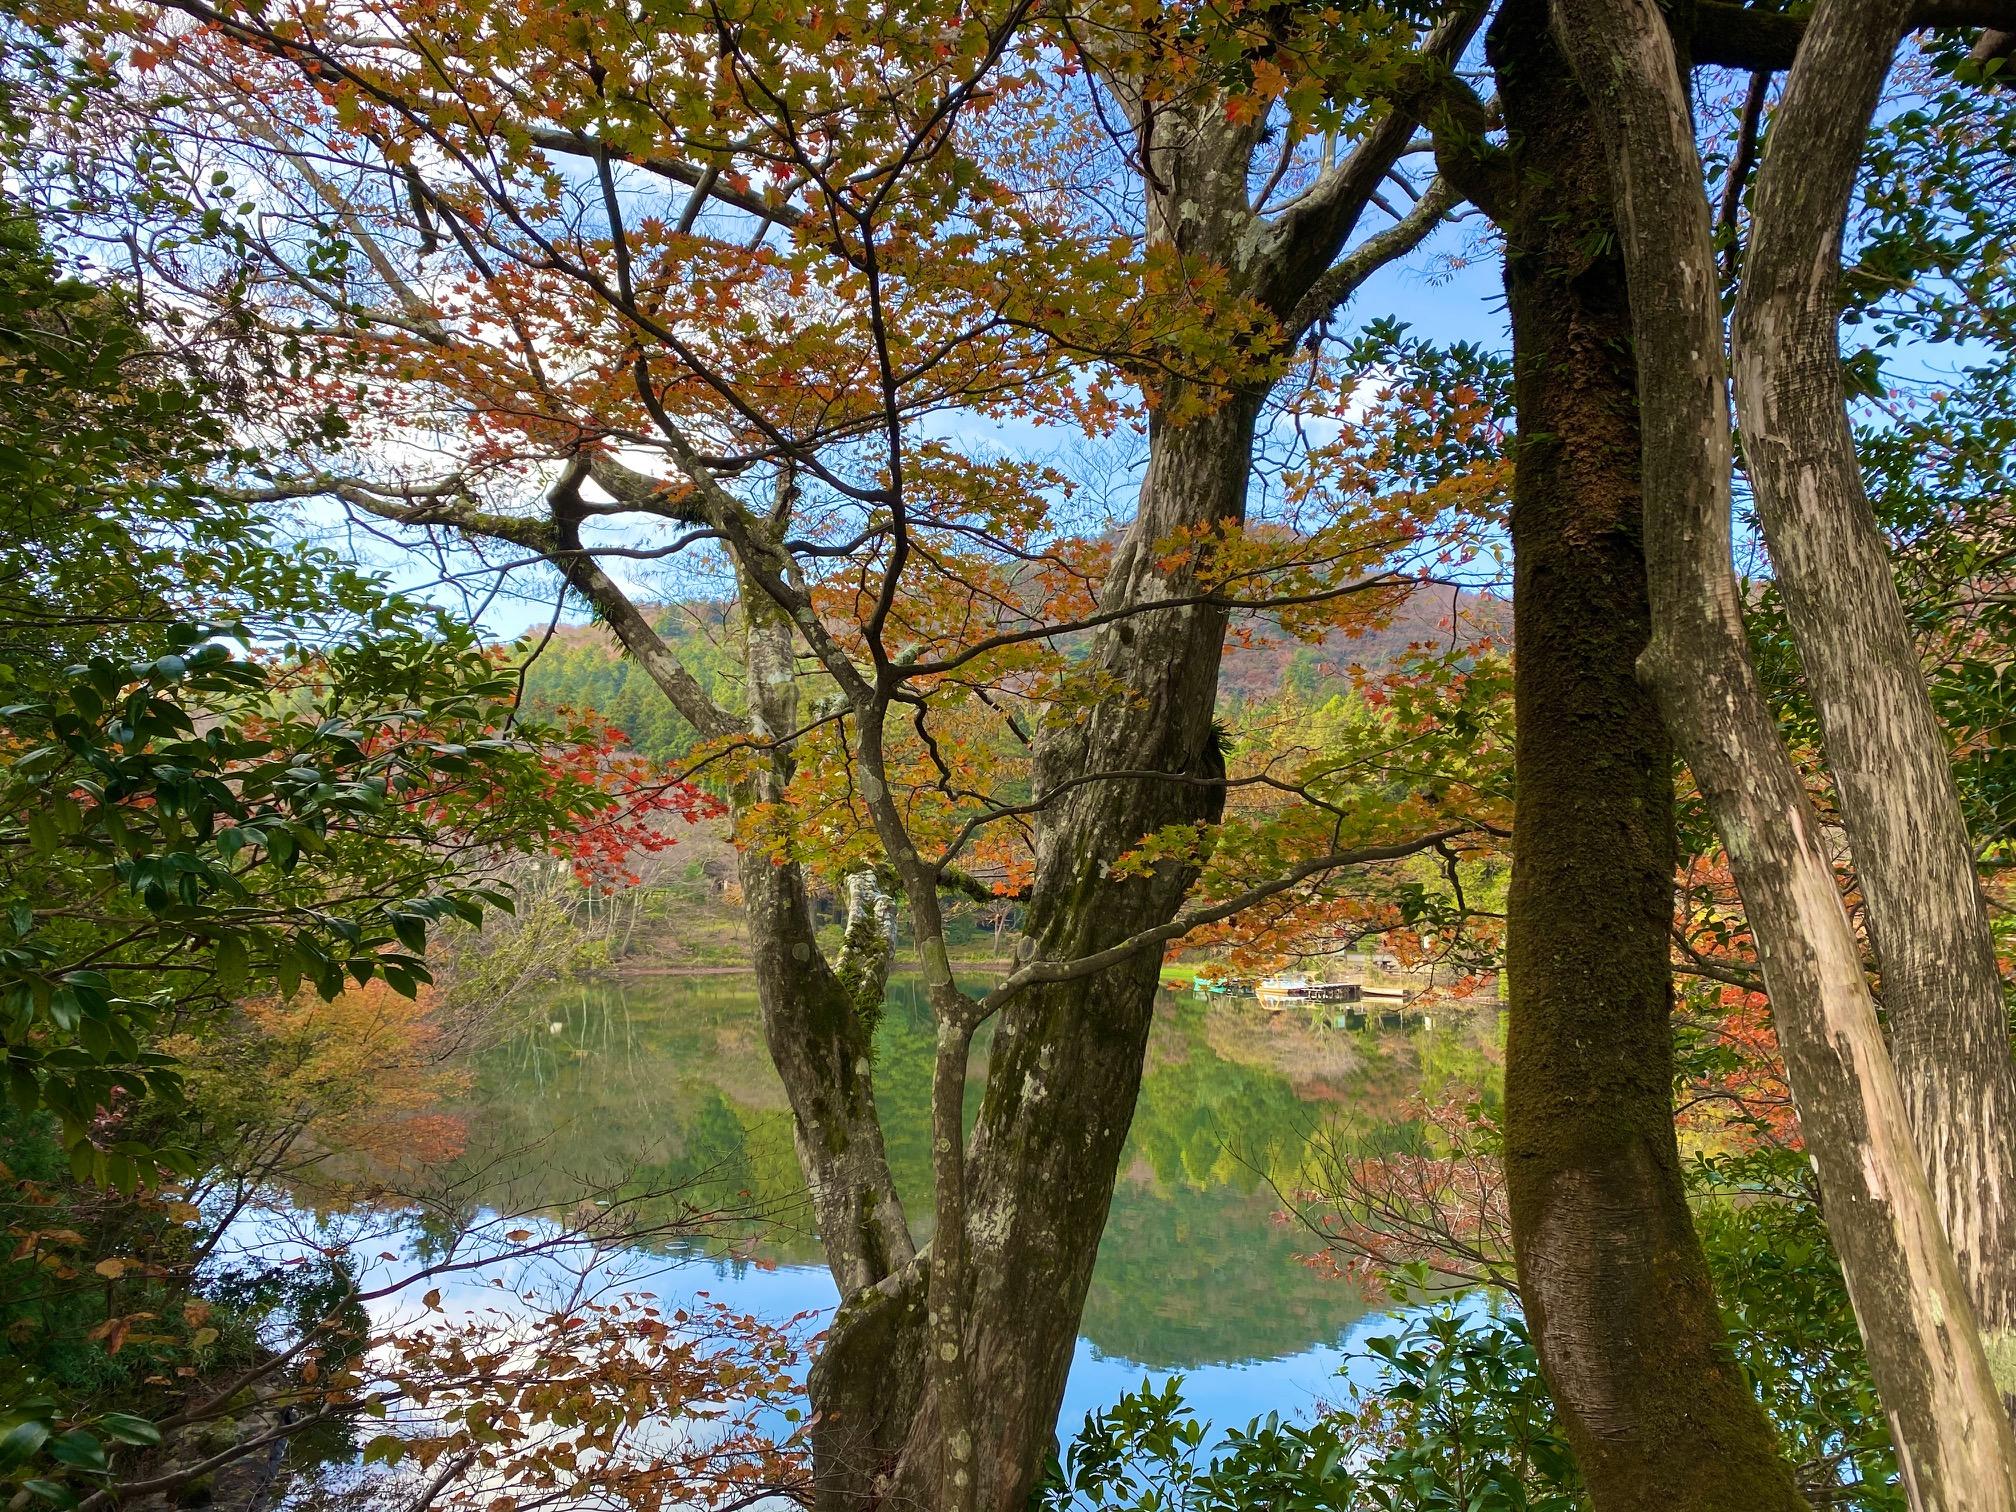 2019.11.12 Shirakumo Pond